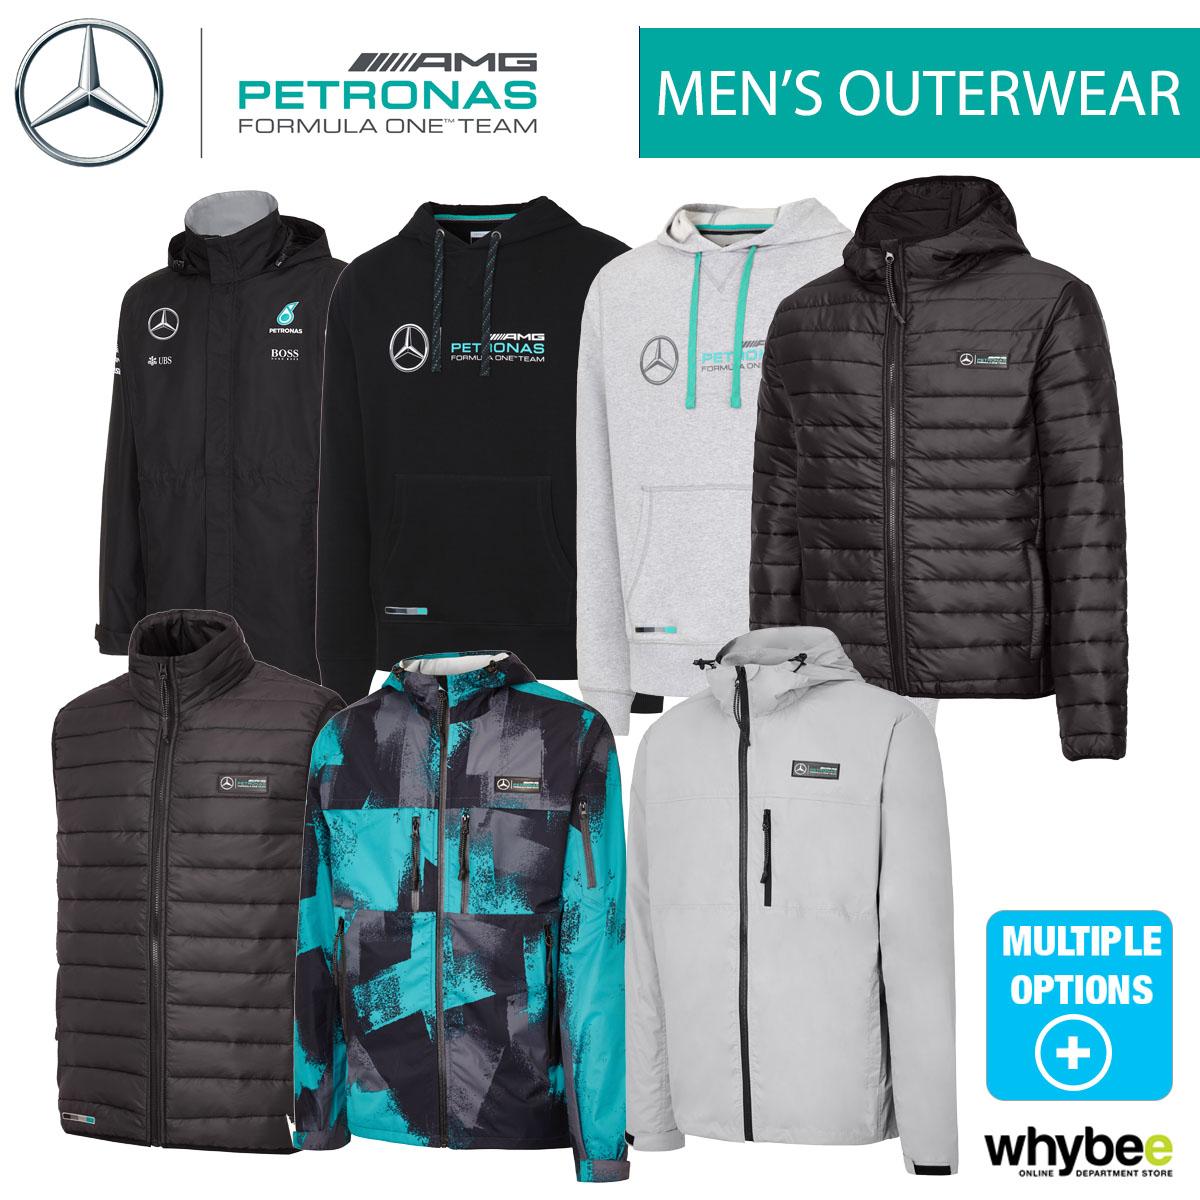 sale 2016 mercedes f1 formula one team mens outerwear jacket coat fleece gilet ebay. Black Bedroom Furniture Sets. Home Design Ideas